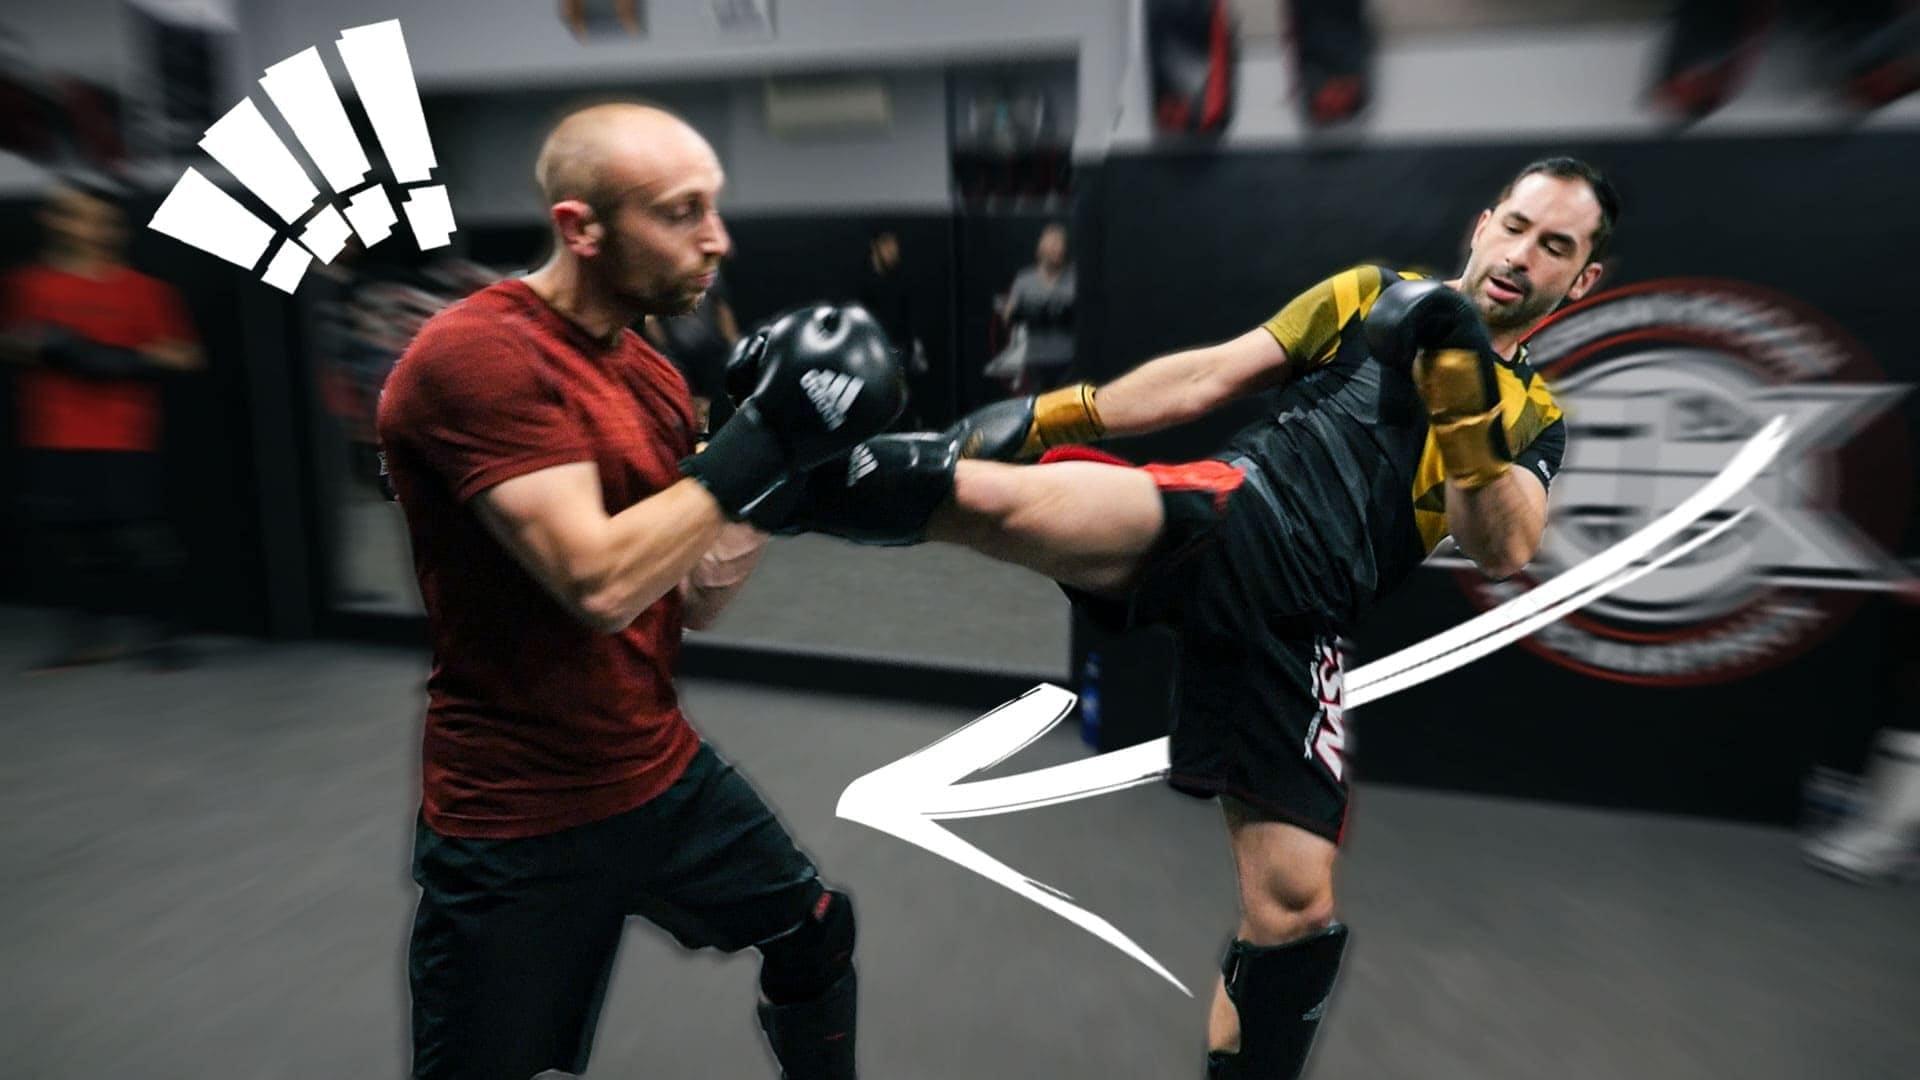 Piège ton adversaire avec cette technique !